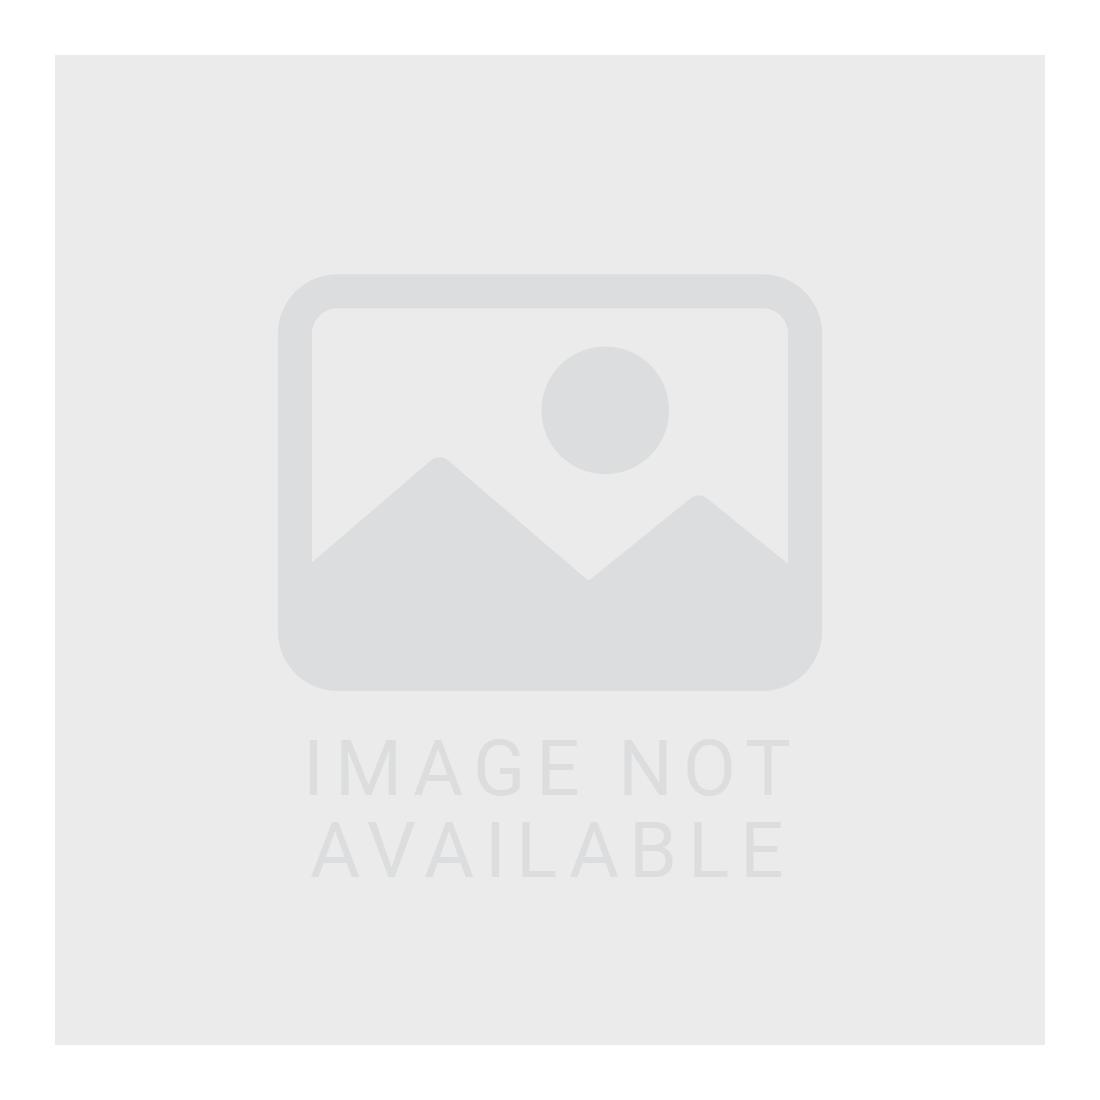 Metal Emblem Cap